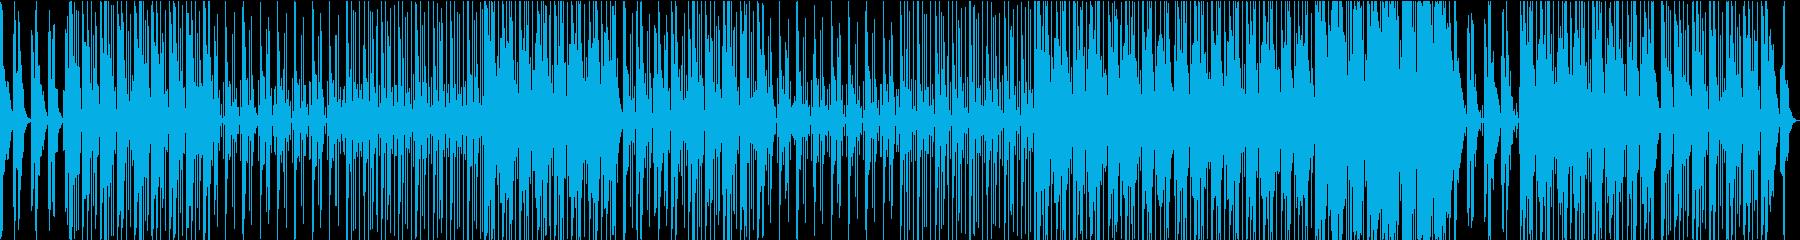 シティポップ/R&B_No460_1の再生済みの波形